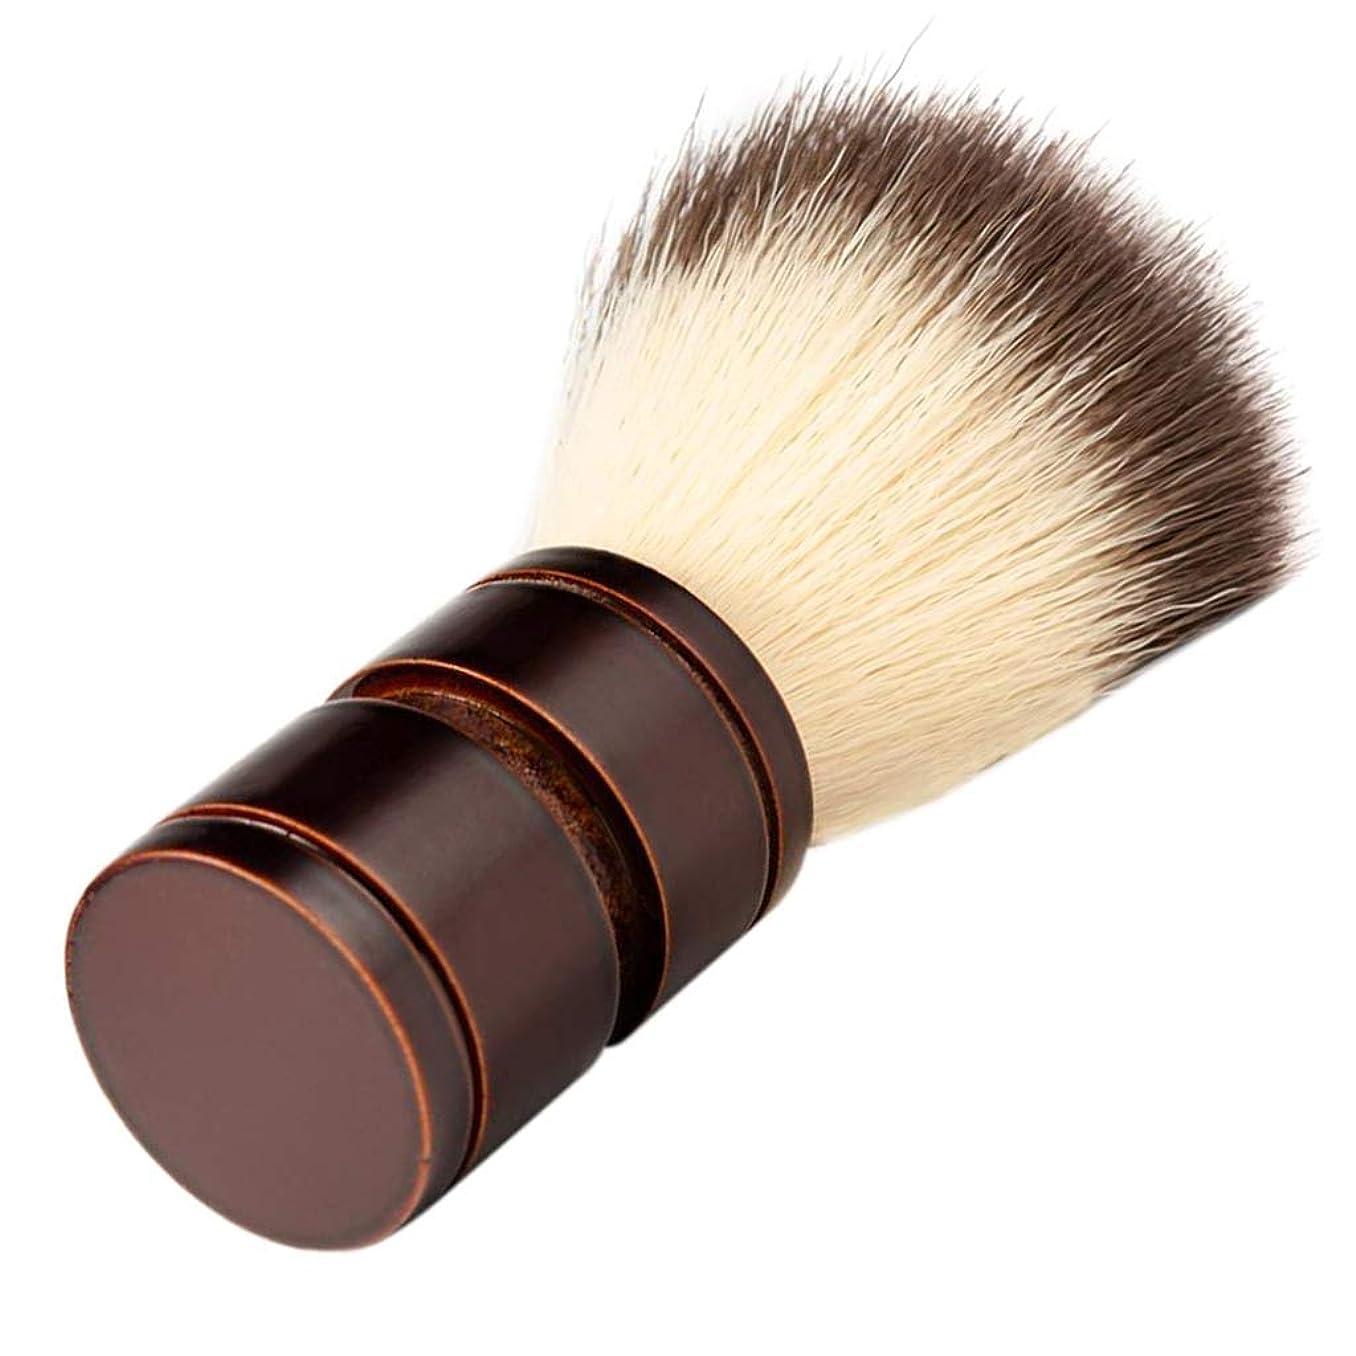 エスカレートコショウヒューマニスティックHellery ひげブラシ シェービングブラシ ひげ剃り 柔らかい 髭剃り 泡立ち 理容 美容ツール